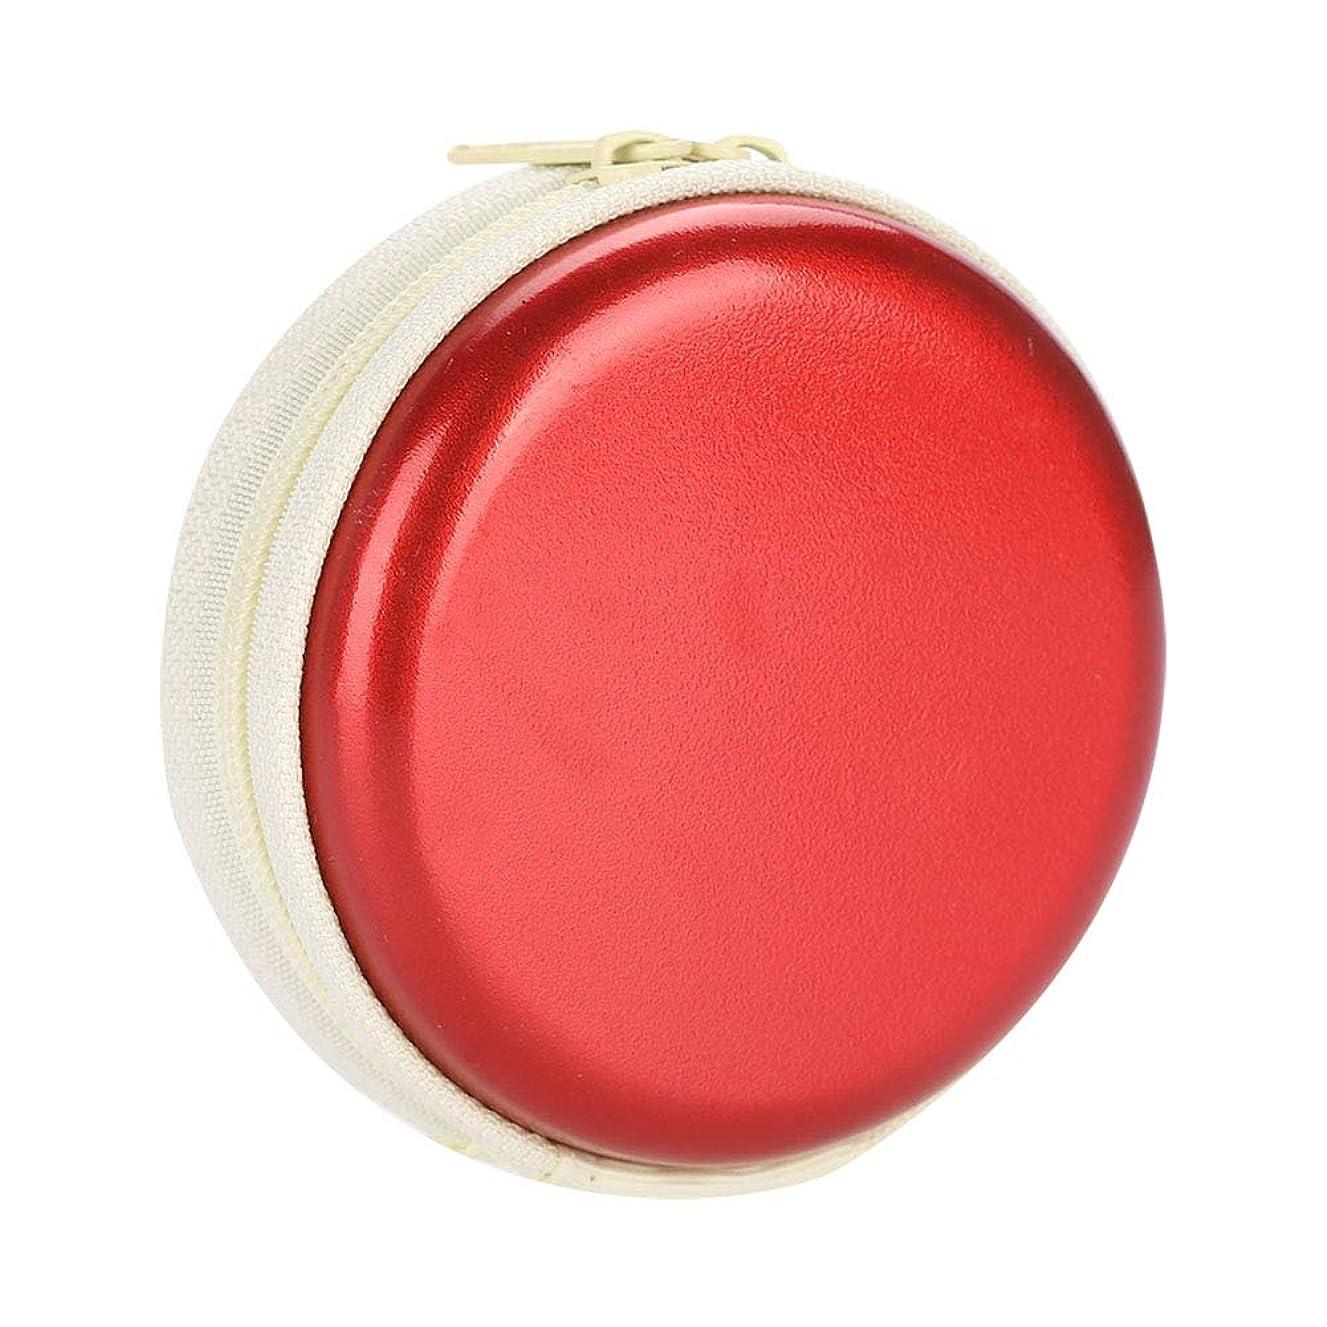 契約減る有彩色のエッセンシャルオイルキャリングケーストラベルキャリアコンテナコンパクト&ポータブルオイルバッグ保護外装ハードシェル付き外装ストレージ(Red)